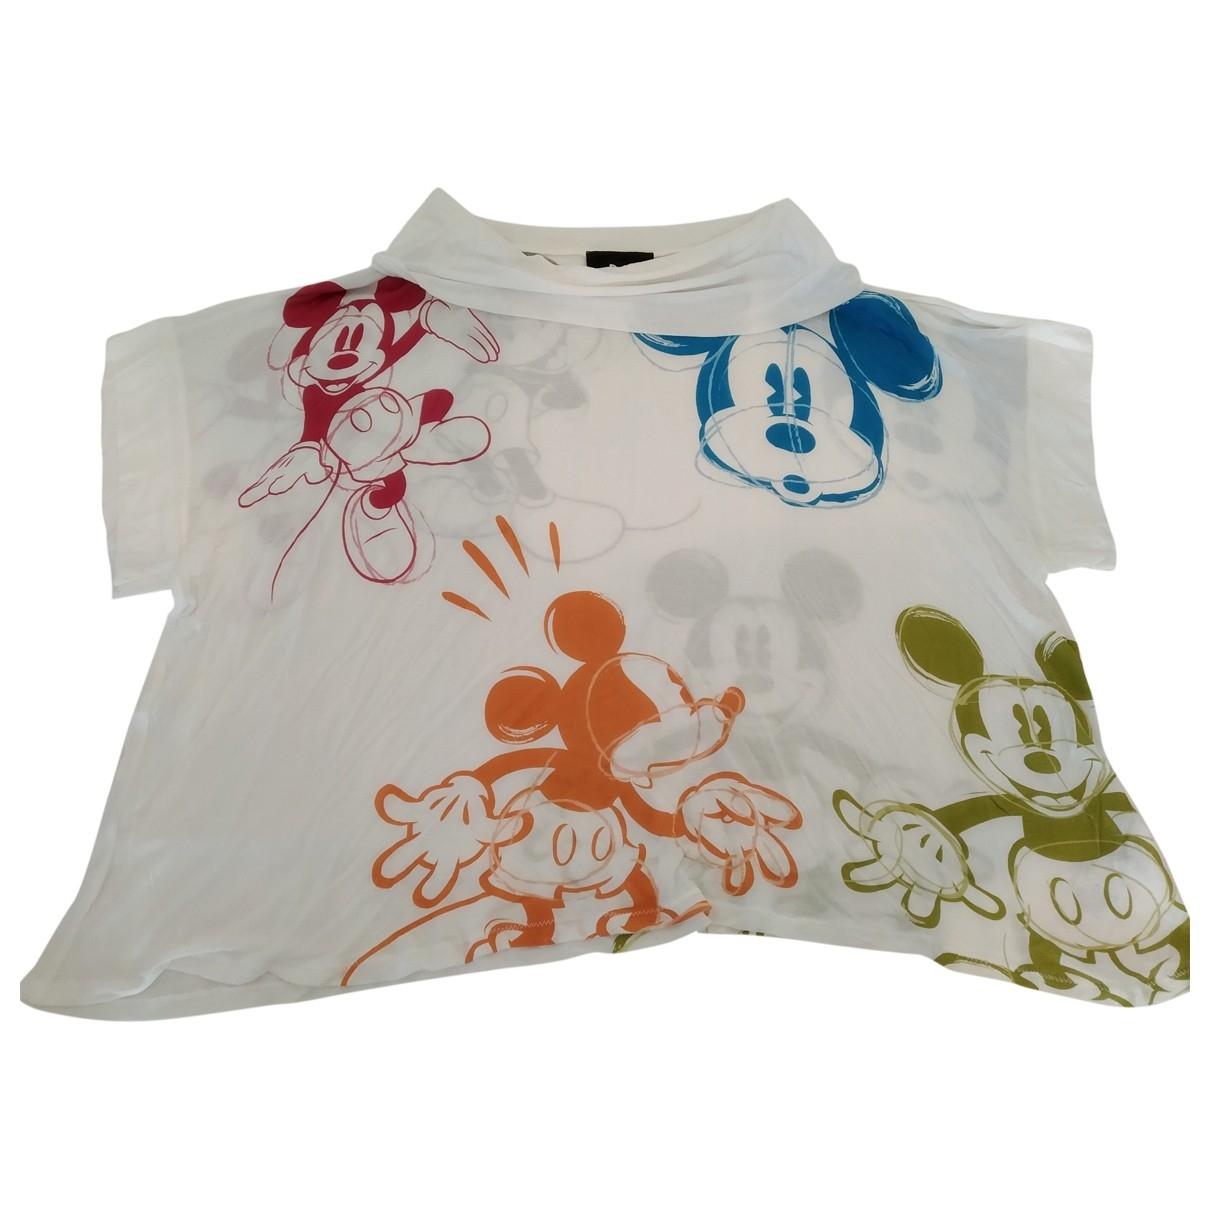 D&g \N Multicolour  top for Women 38 IT